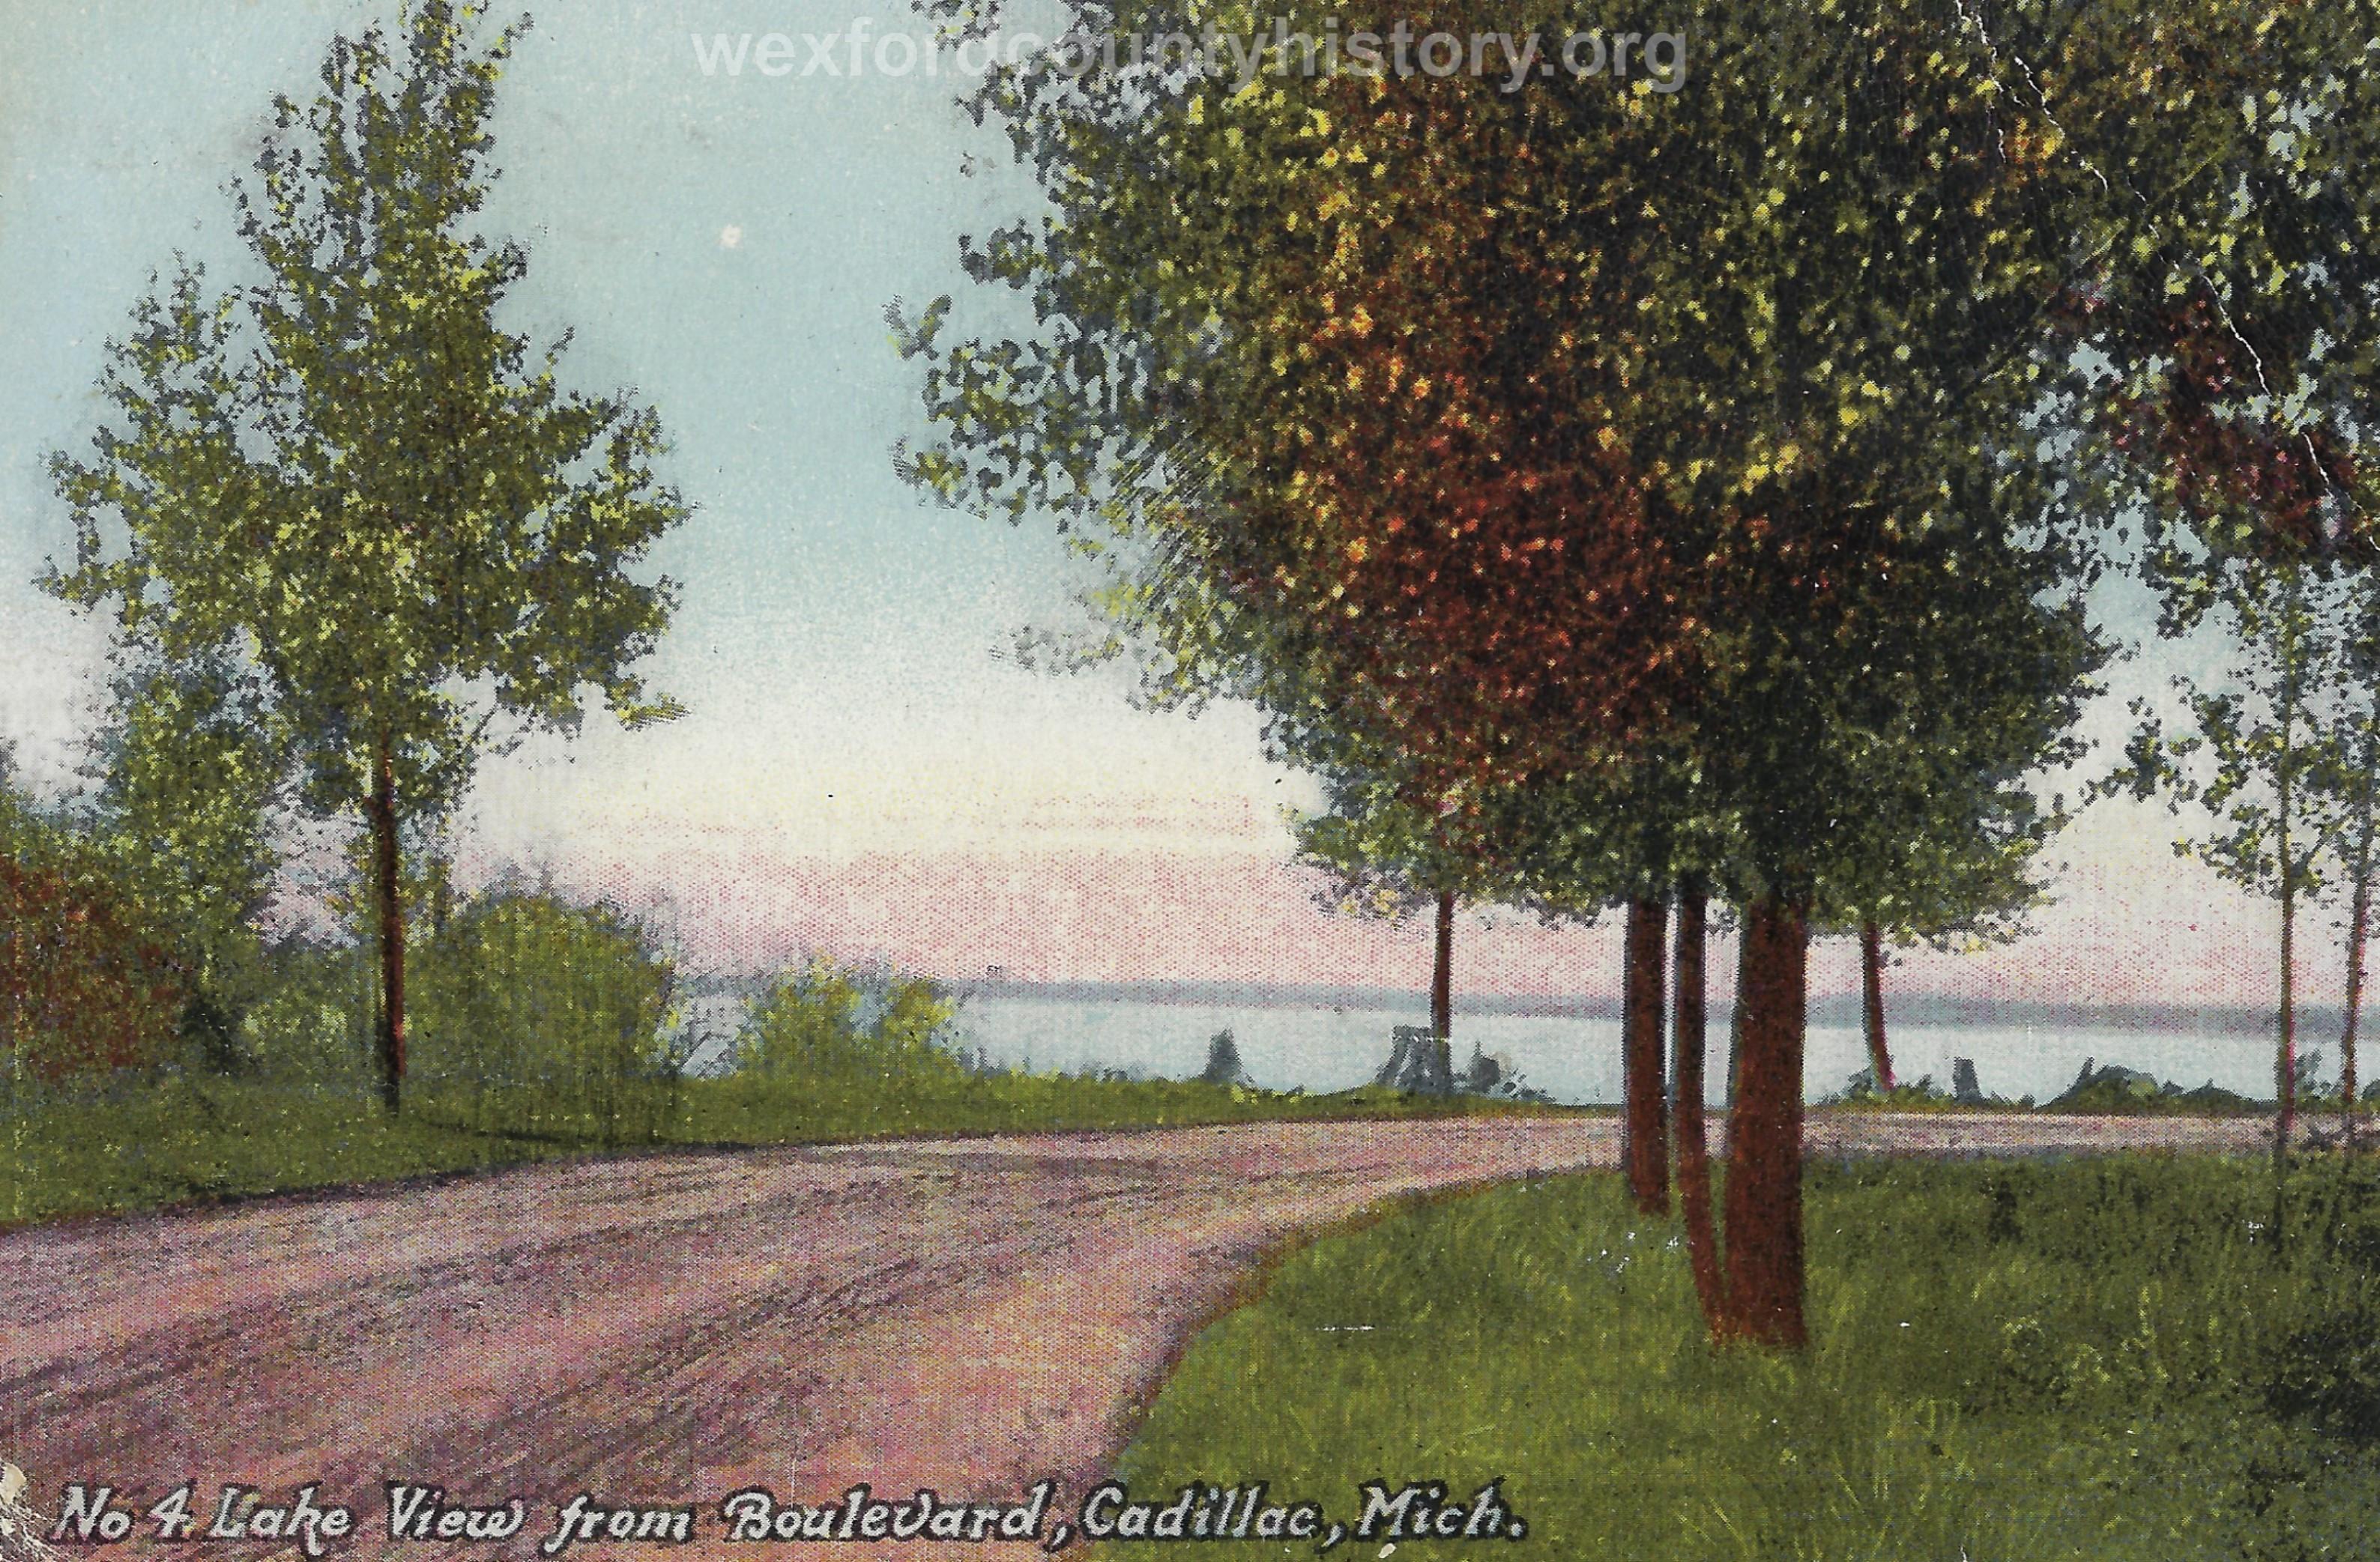 Cadillac-Recreation-North-Boulevard-And-Lake-Cadillac-10